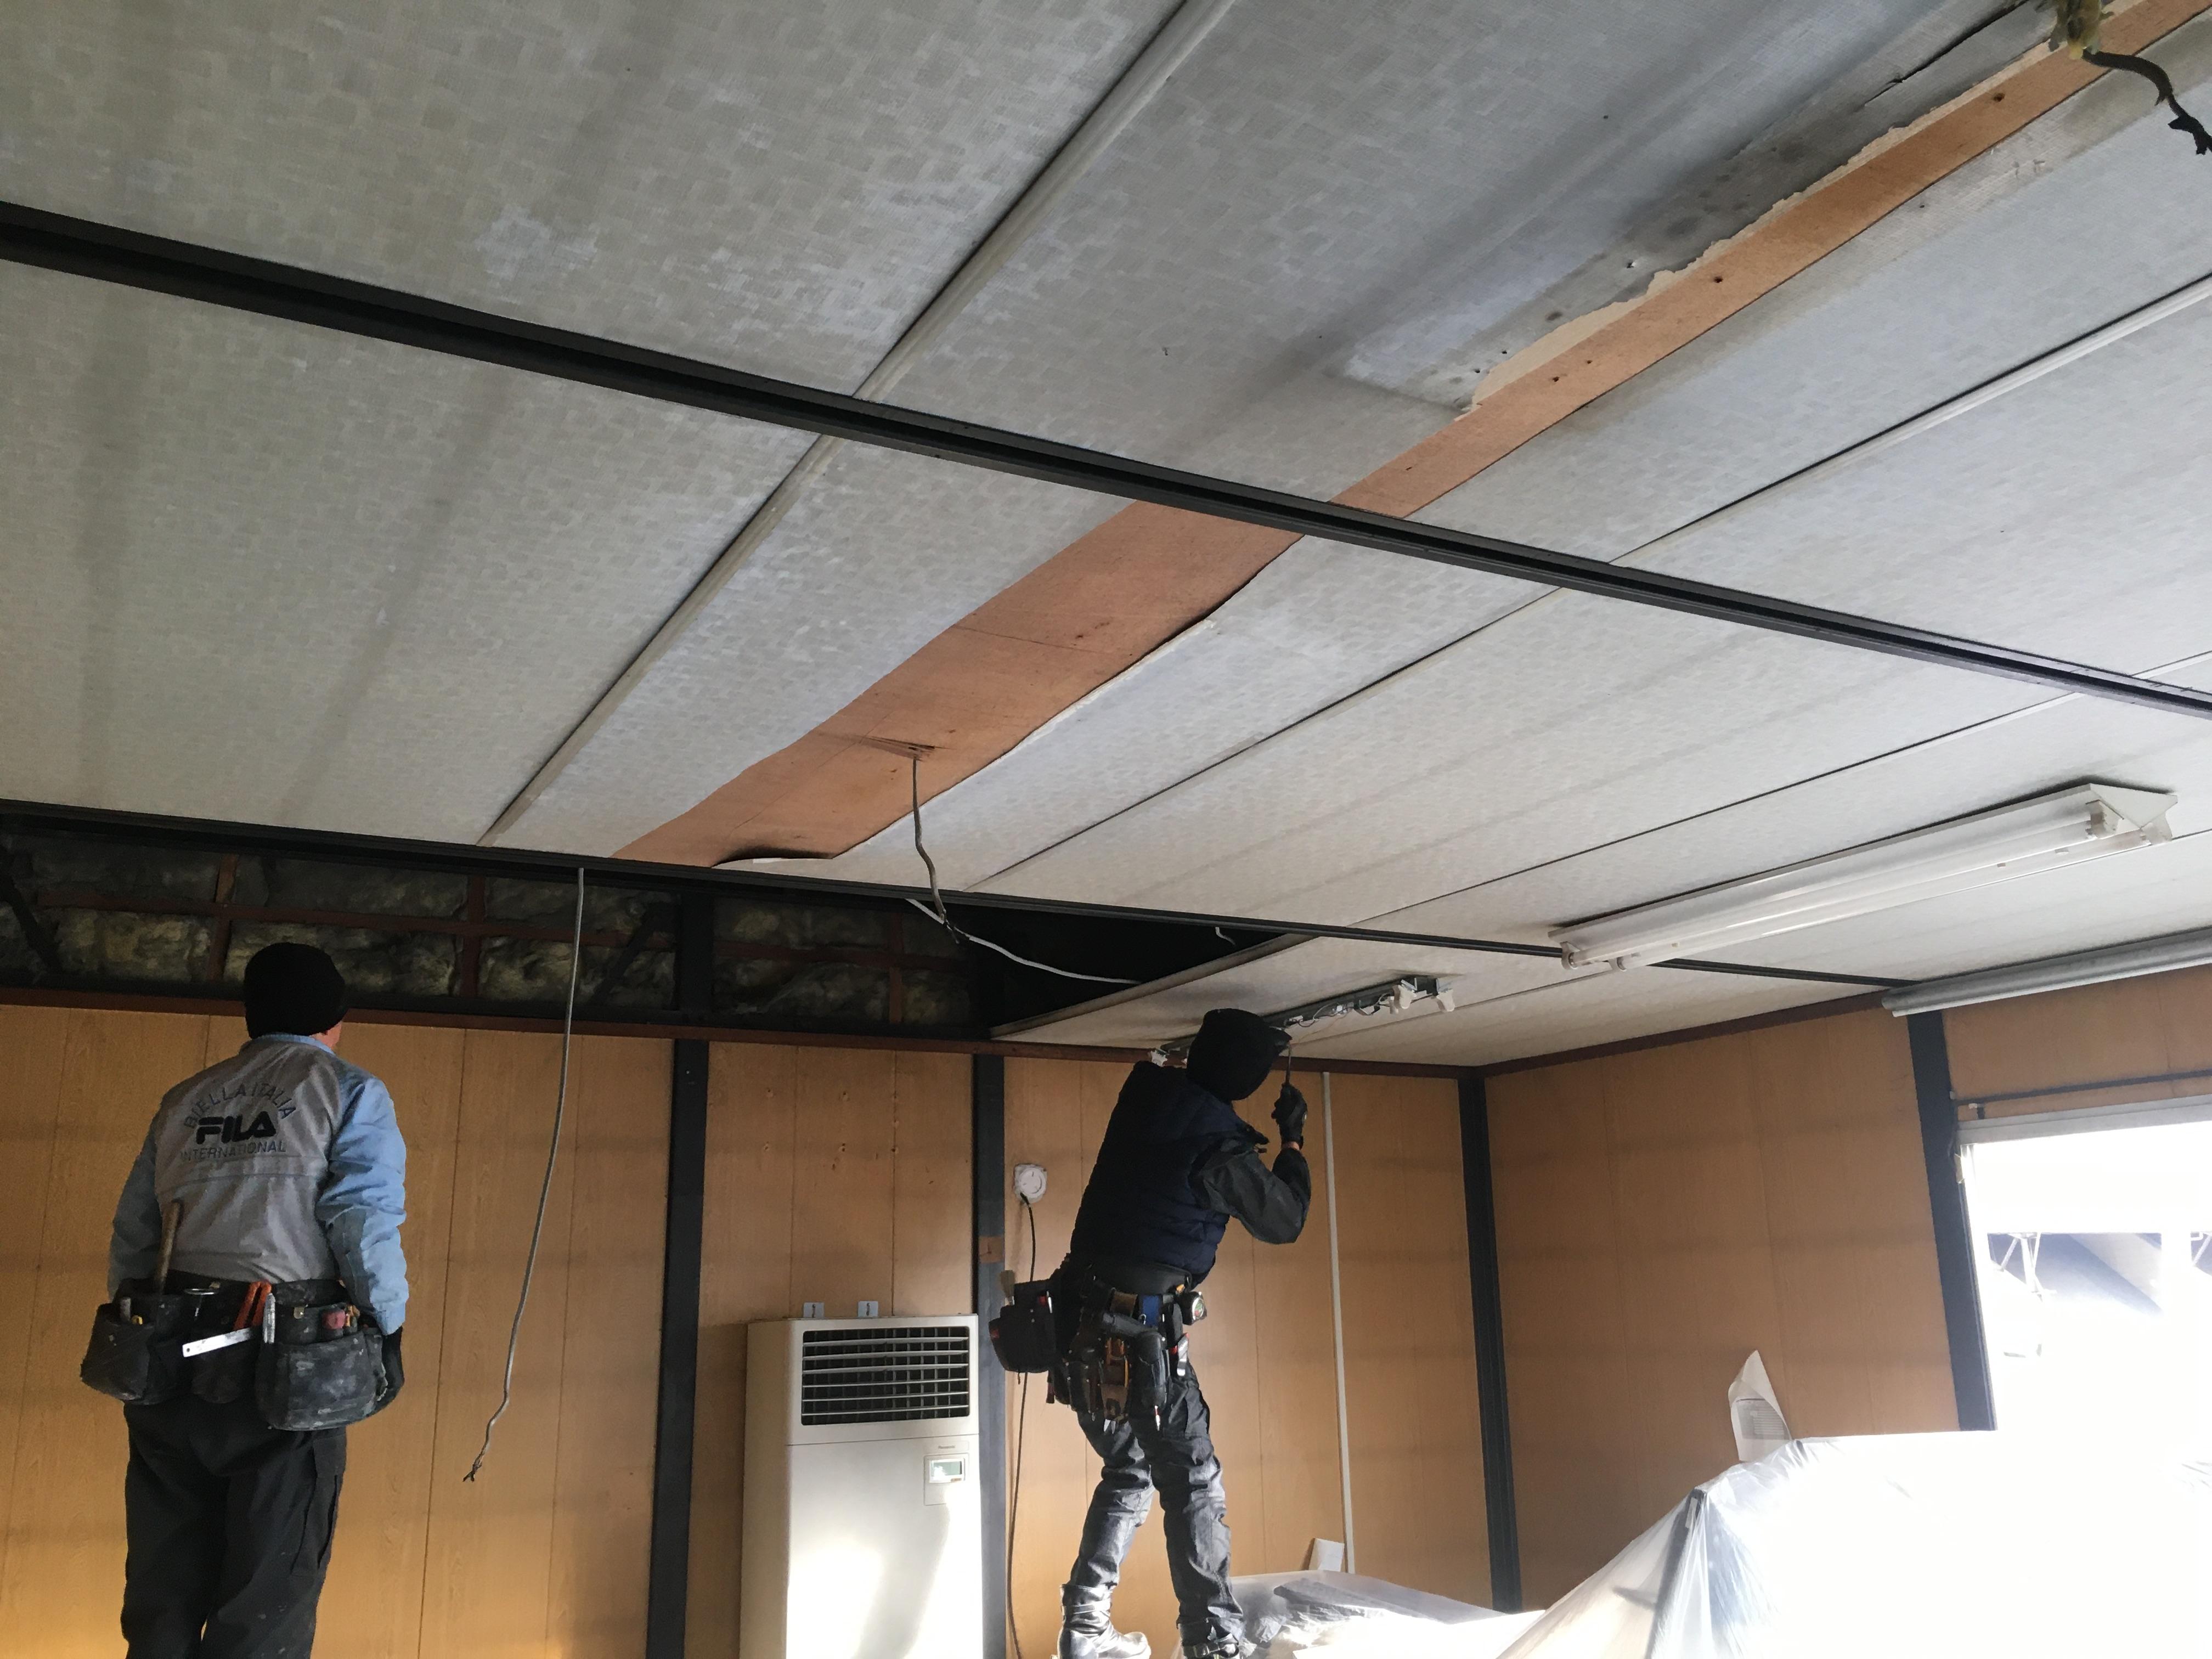 照明器具の取外し、既設天井を落としていきます